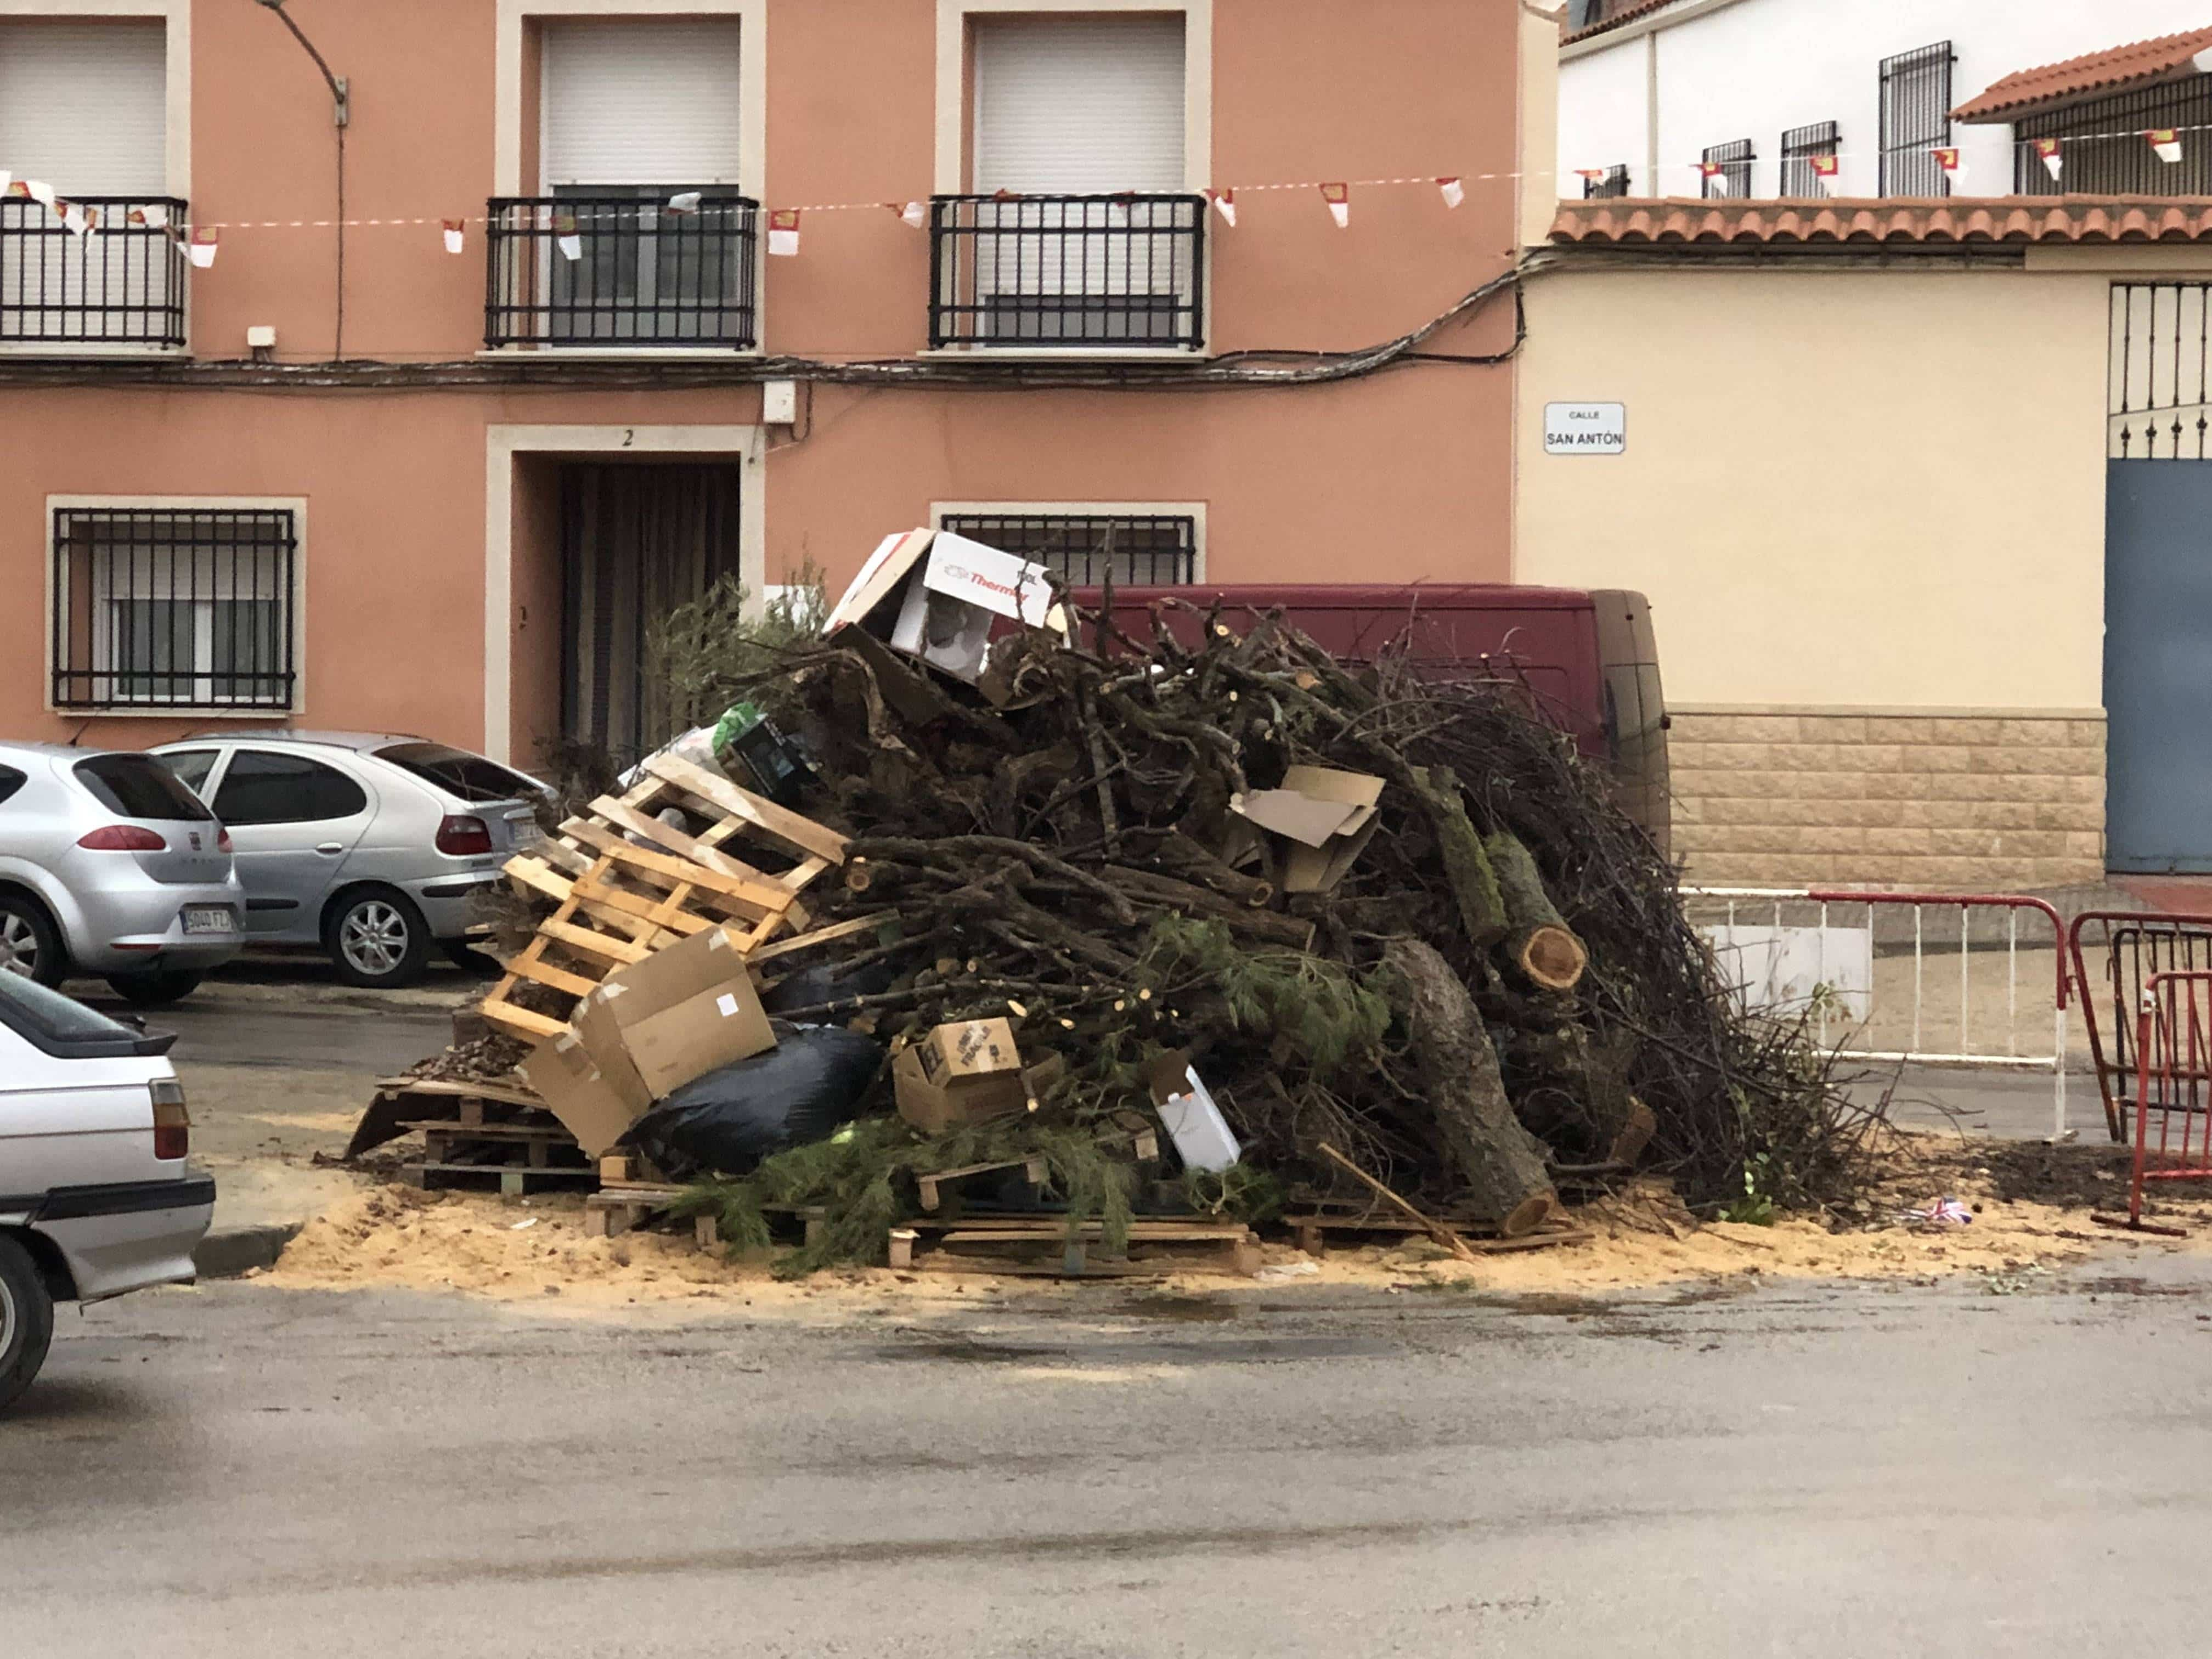 lena de la hoguera de san anton herencia ciudad real - Todo listo para la hoguera de San Antón en Herencia